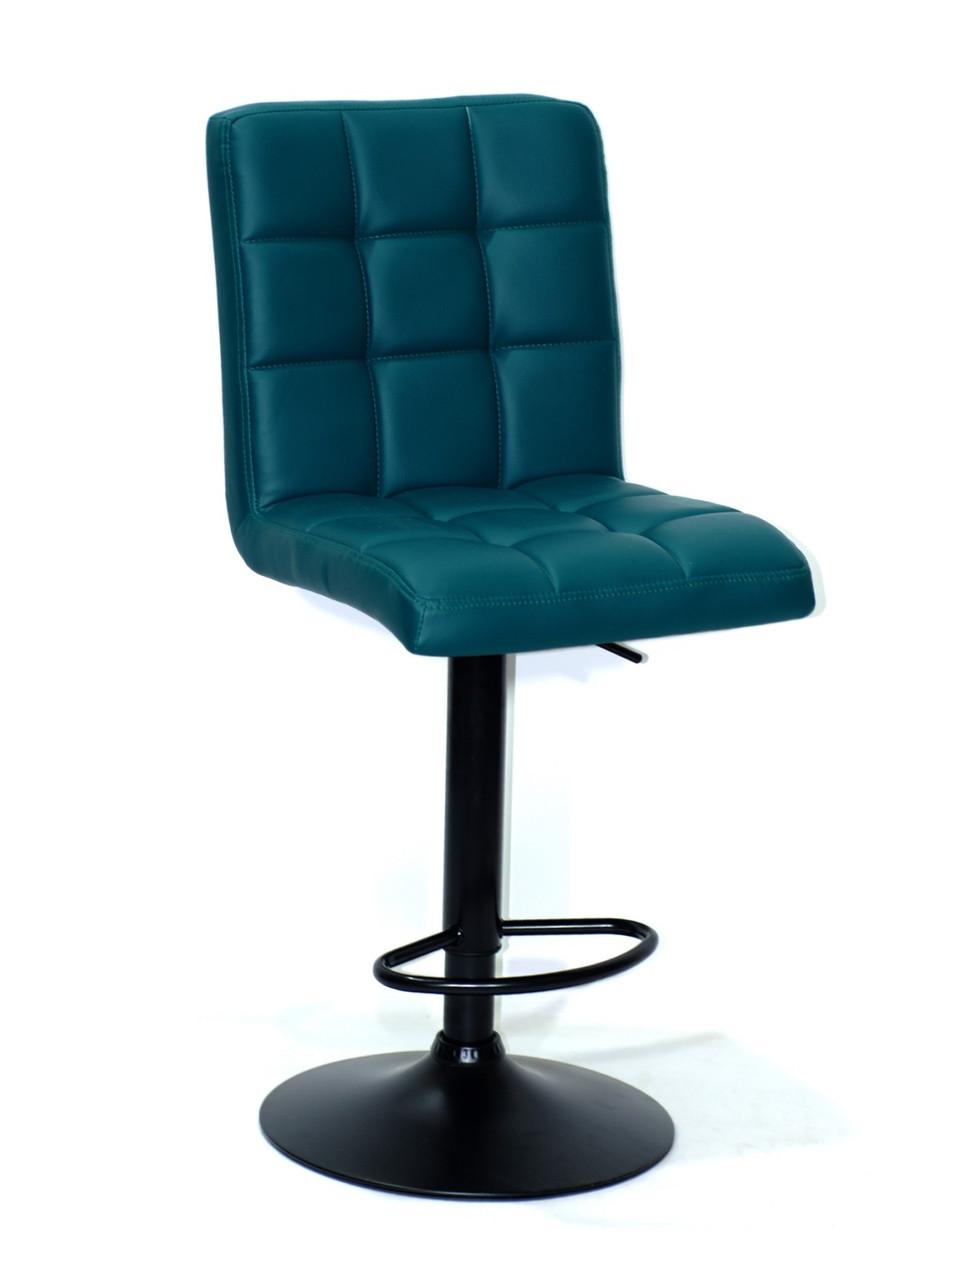 Барний оксамитовий сірий стілець з підставкою для ніг для салонів краси та кафе AUGUSTO BAR CH-Base